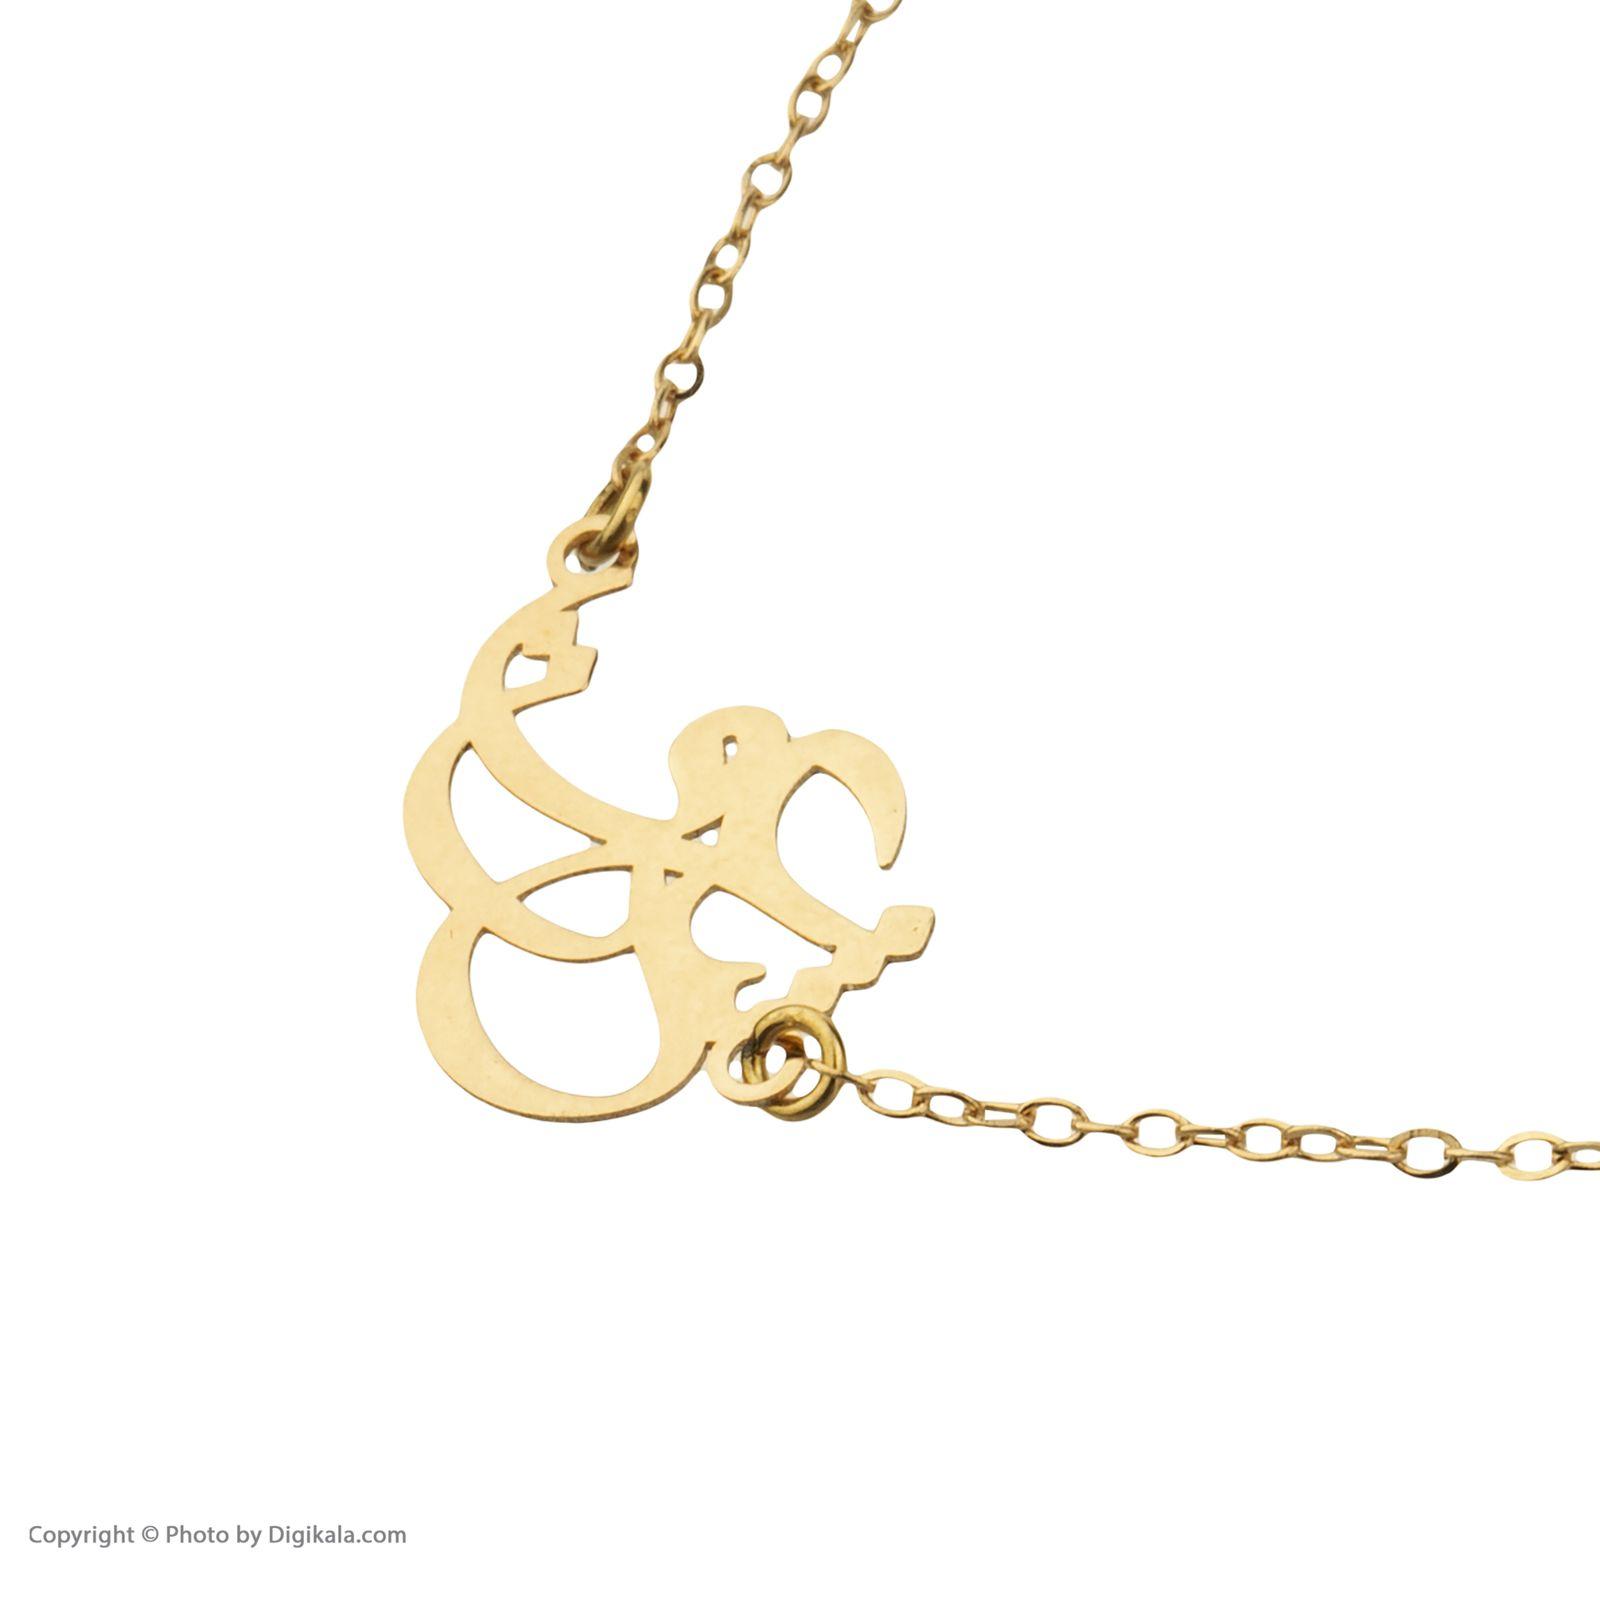 دستبند طلا 18 عیار زنانه میو گلد مدل GD606 -  - 4